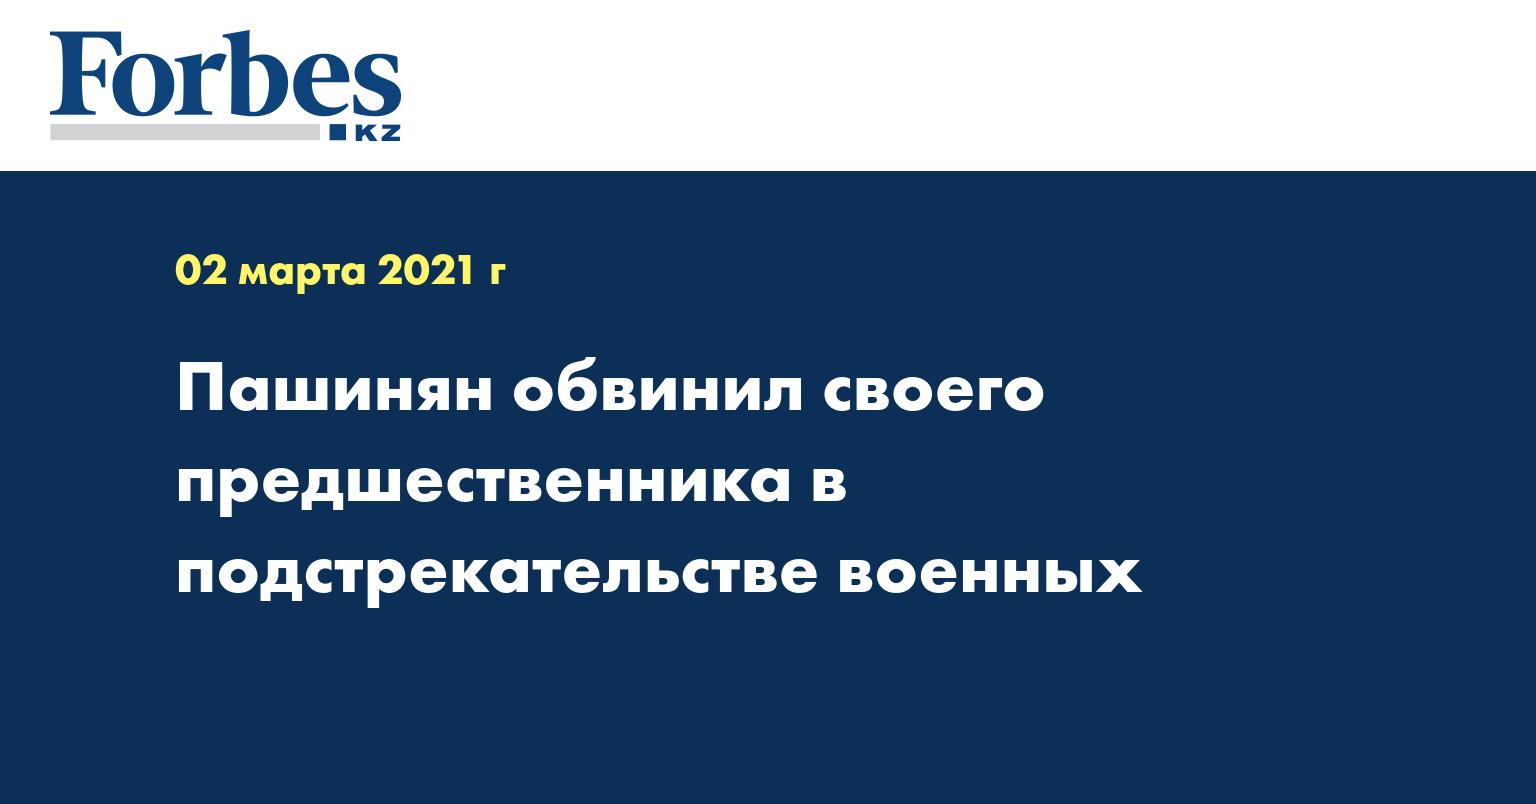 Пашинян обвинил своего предшественника в подстрекательстве военных